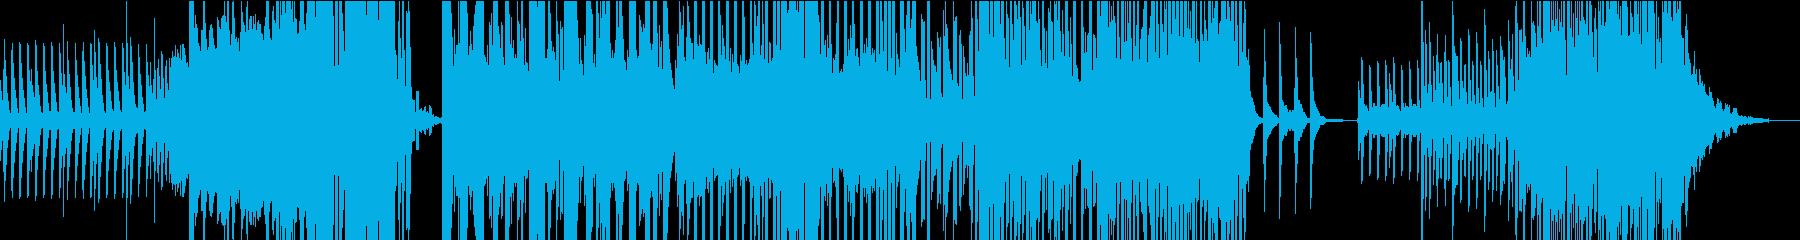 スマホのCMでありそうな爽やかポップスの再生済みの波形